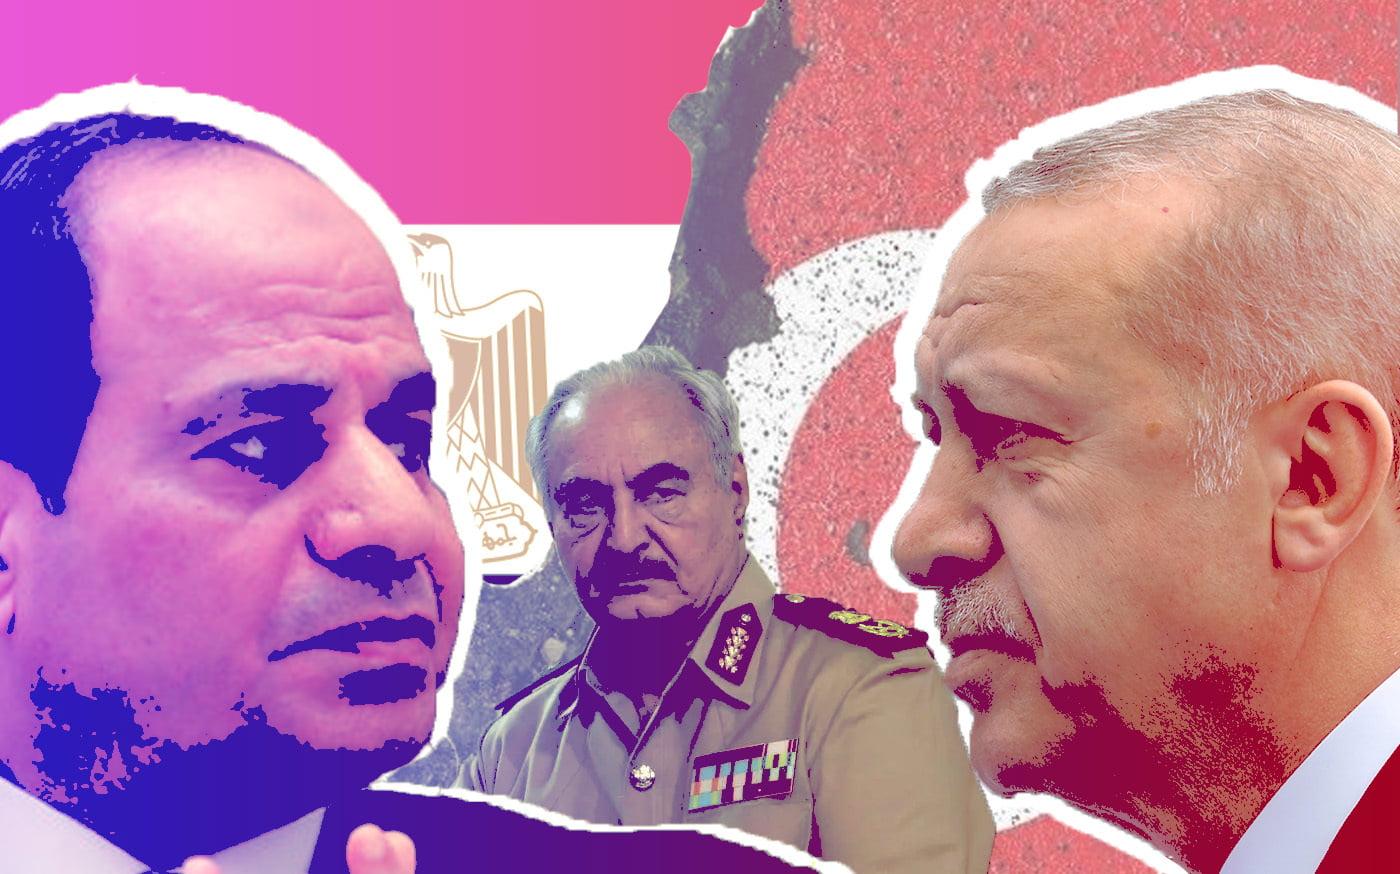 Οι σχέσεις Αιγύπτου και Τουρκίας και πώς επωφελείται ο Ελληνισμός